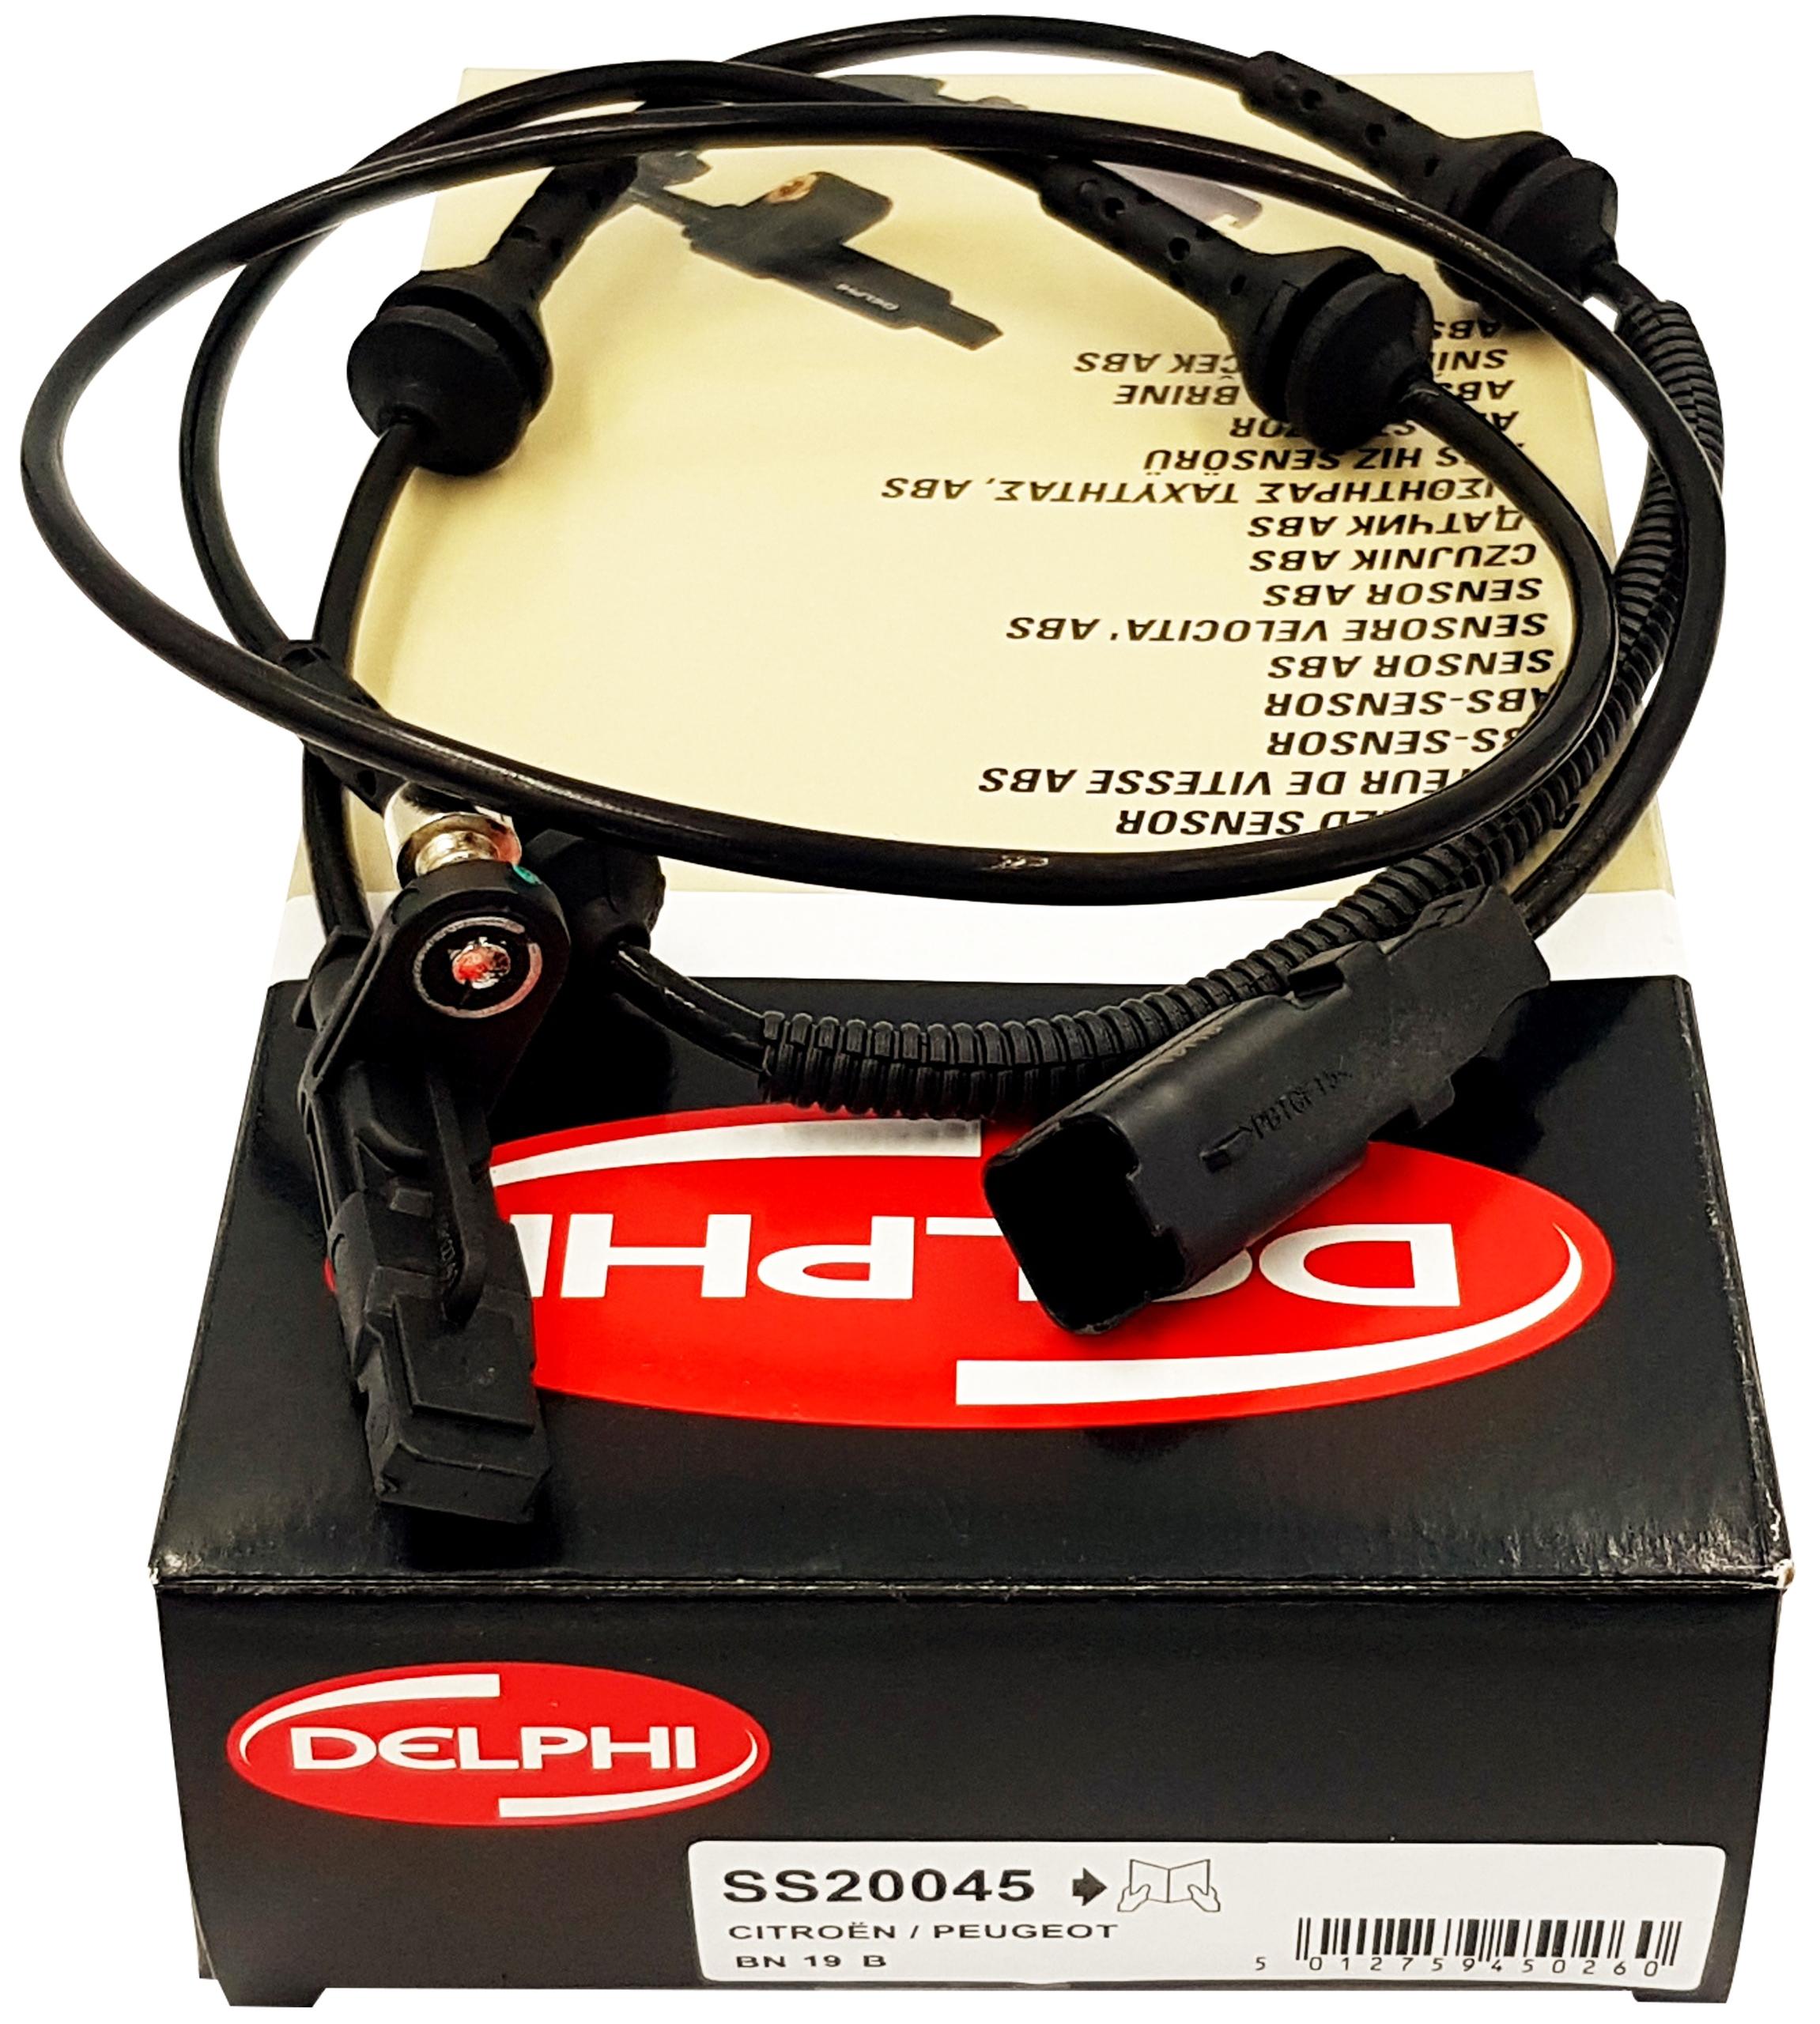 citroen c6 peugeot 407 датчик abs вперед delphi